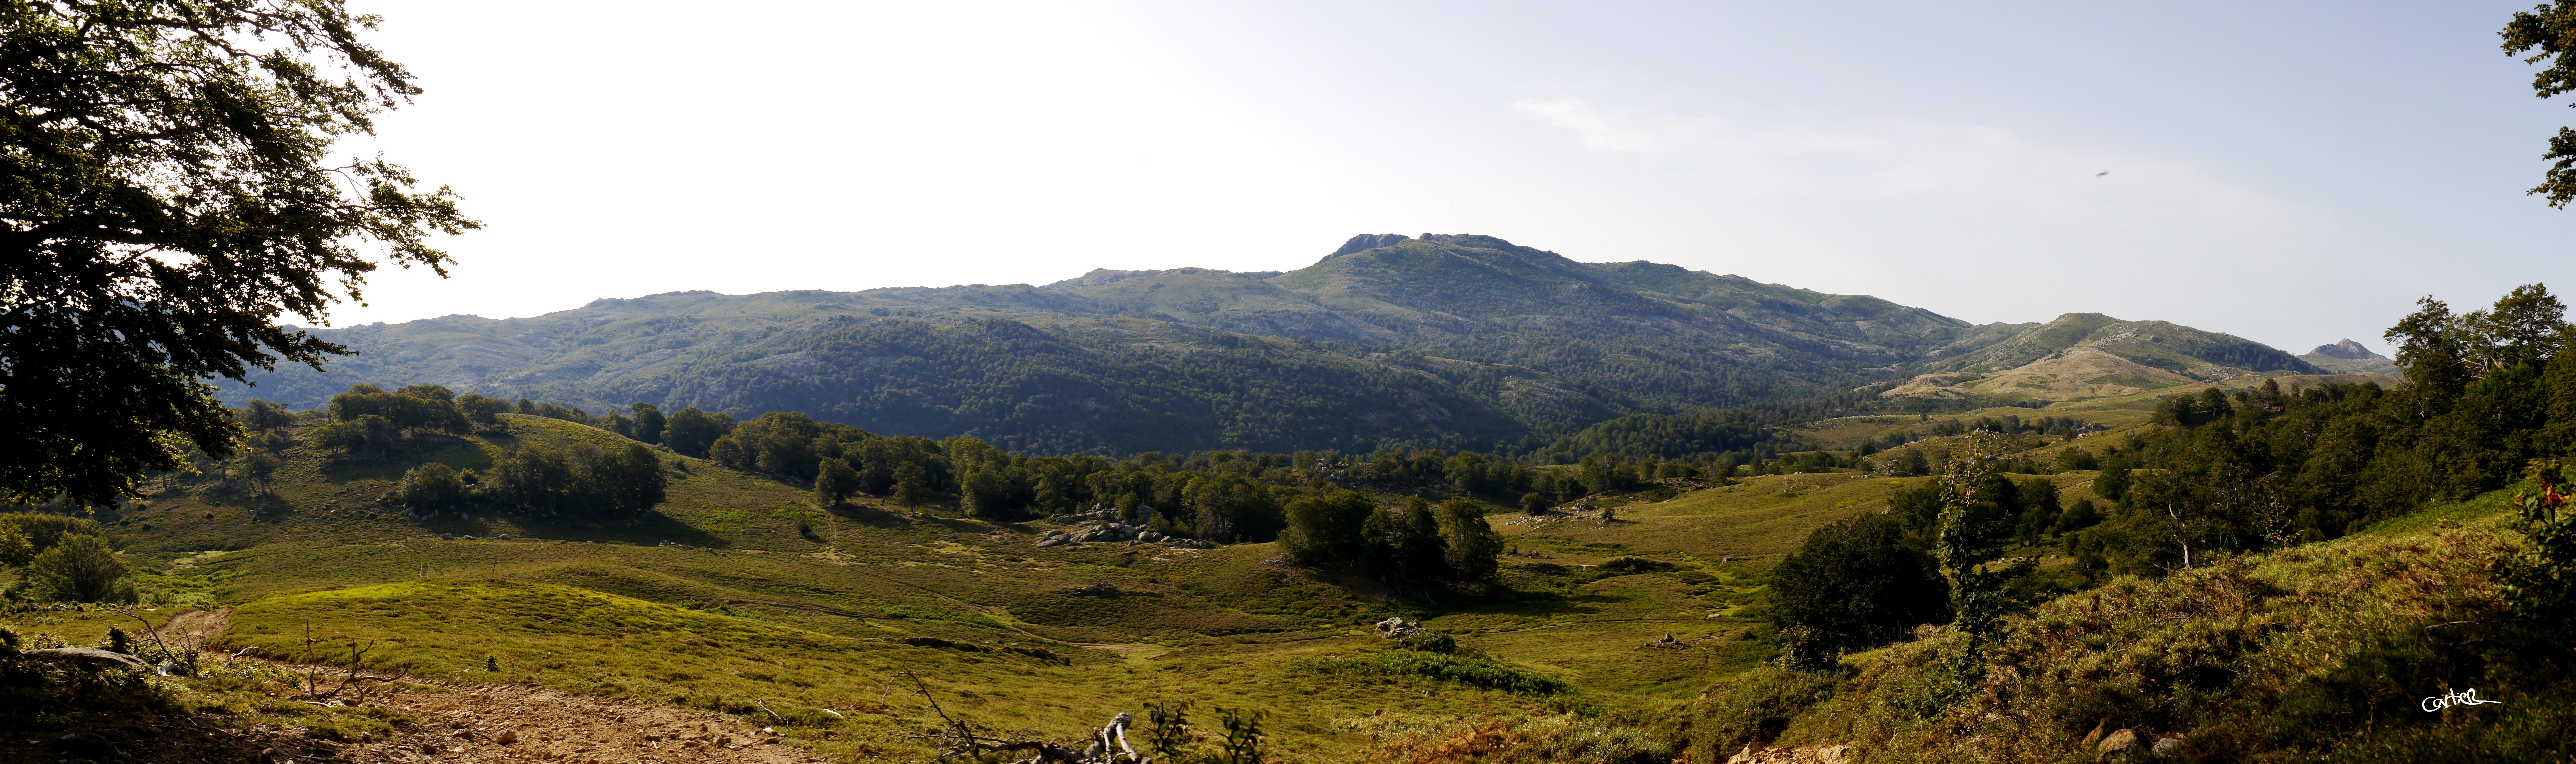 Vallée de l'Alcudine